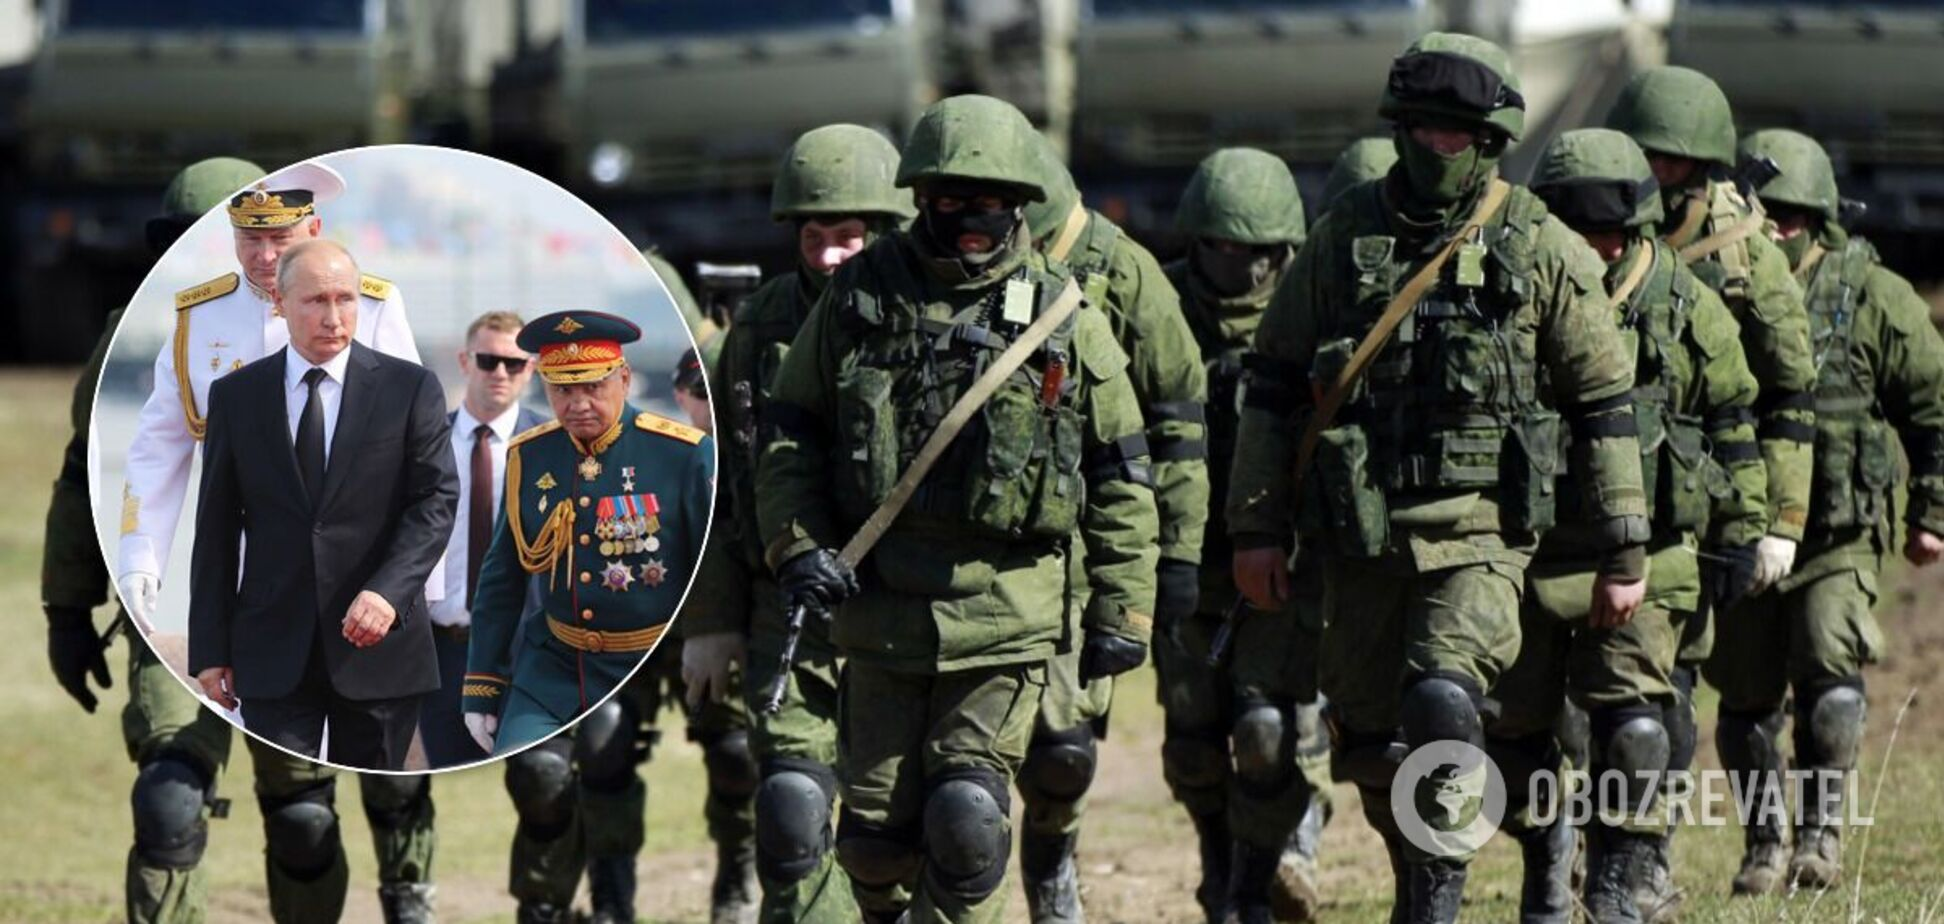 Куницын: Крым и Севастополь украинские, мы их вернем